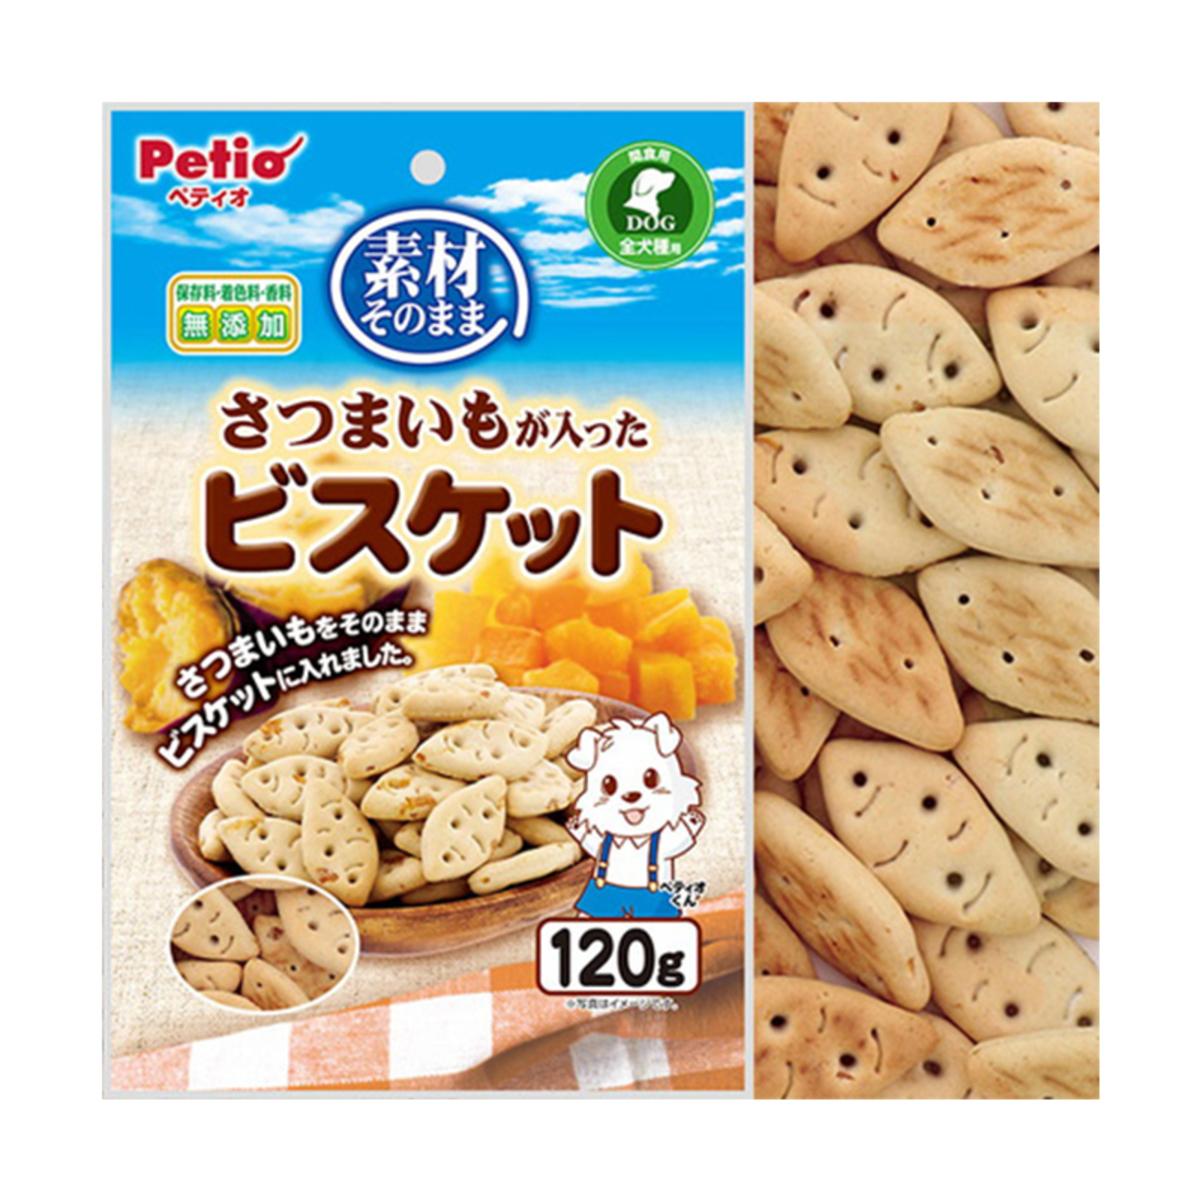 狗小食原汁原味 甘薯餅乾 120g #A85 (W13297)